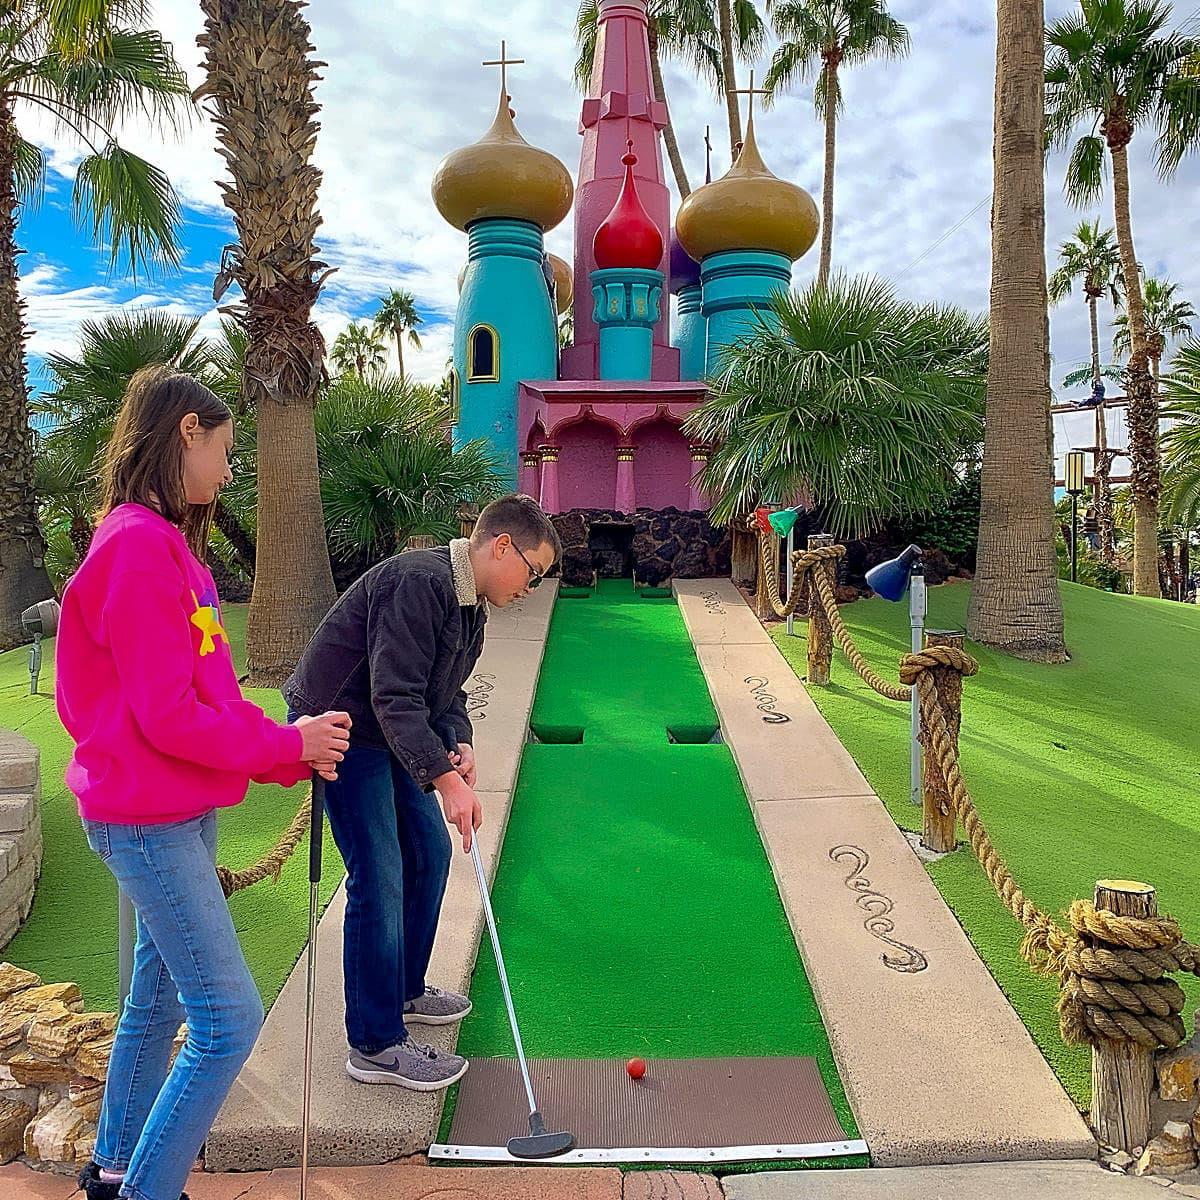 Miniature Golf at Castles N' Coasters in Phoenix